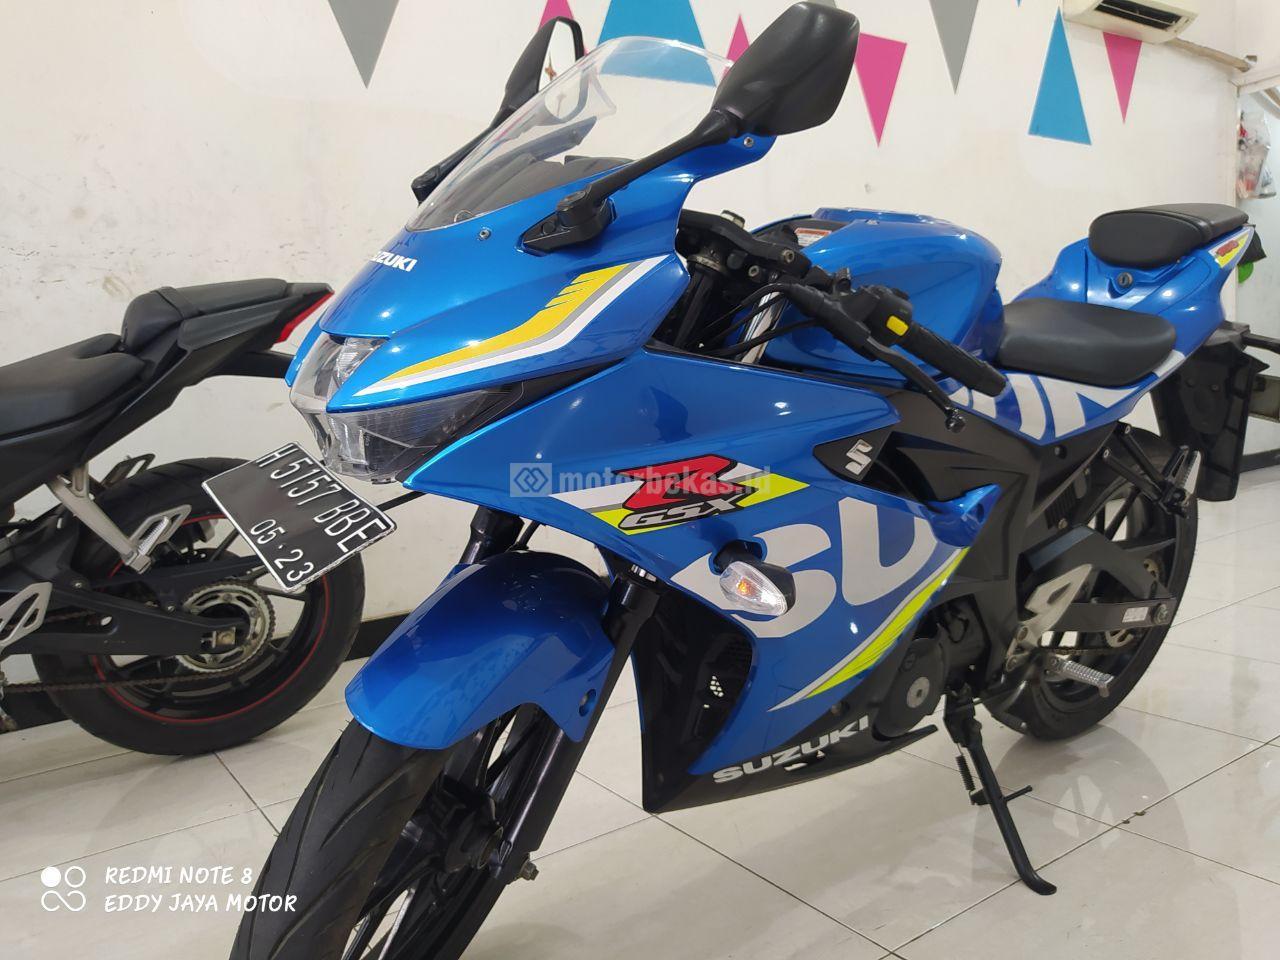 SUZUKI GSX 150R  1169 motorbekas.id